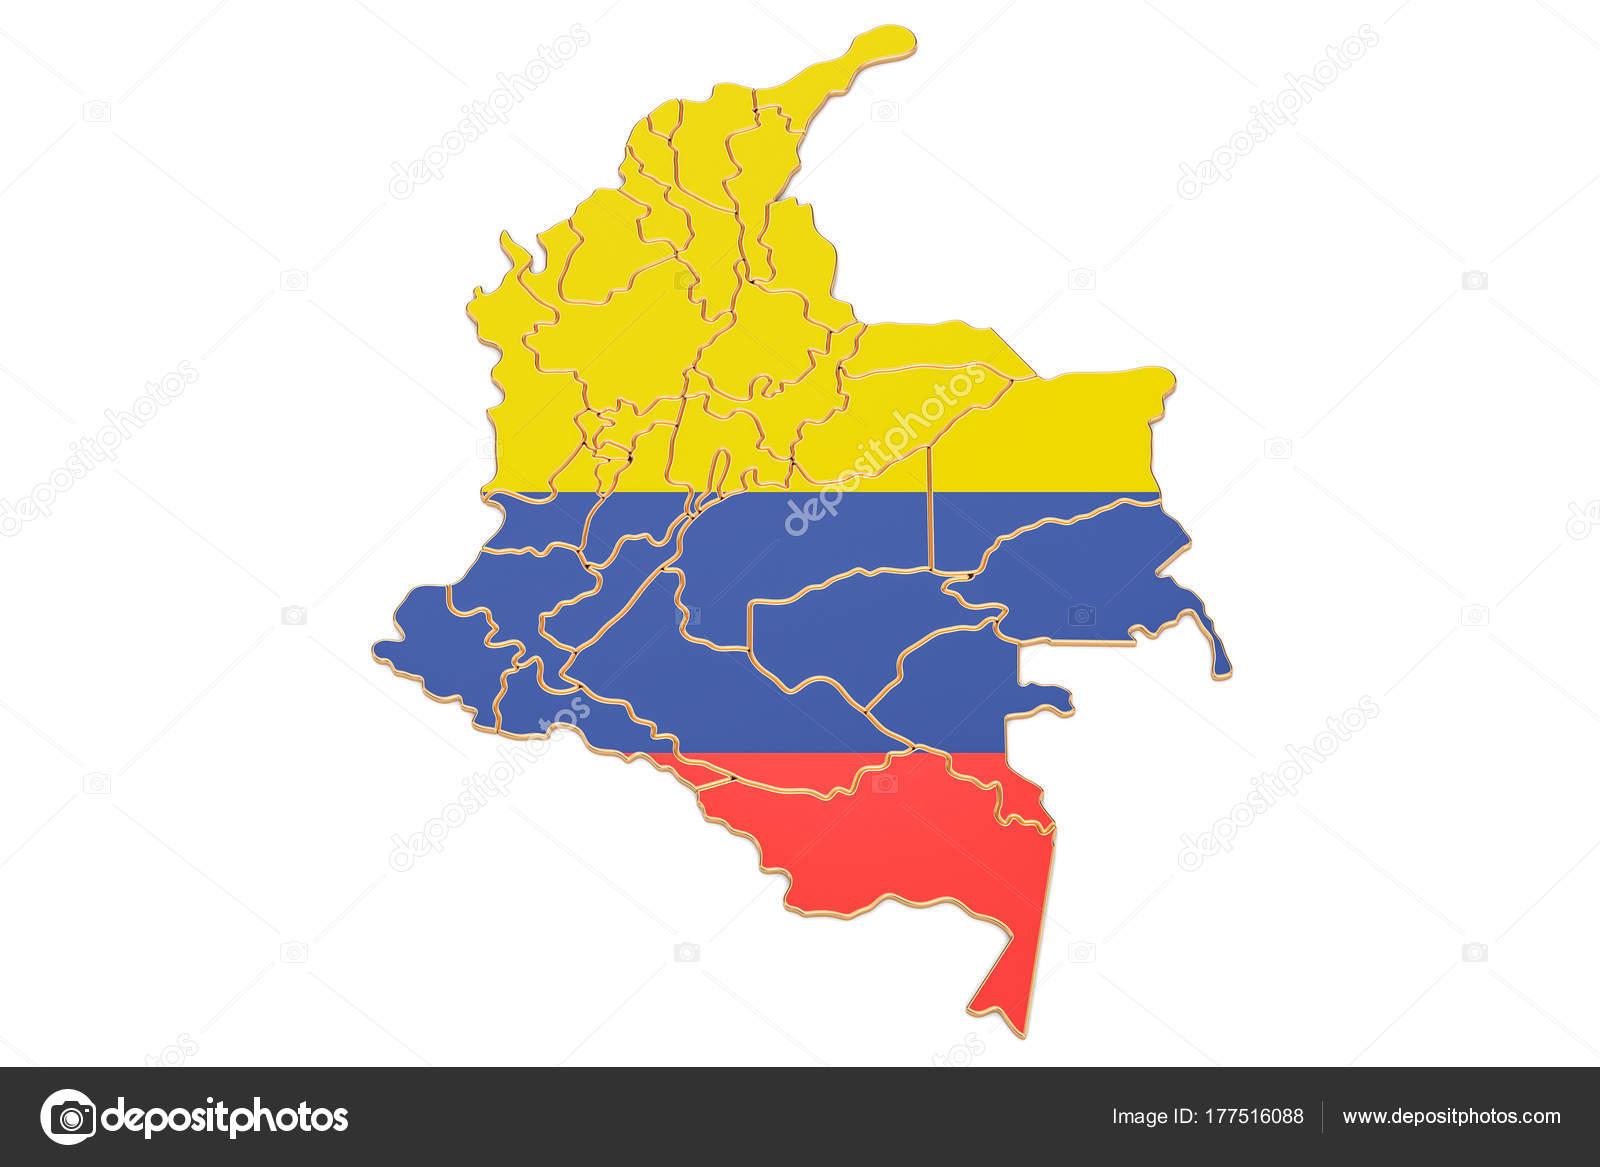 Mapa de Colombia render 3d Foto de stock alexlmx 177516088